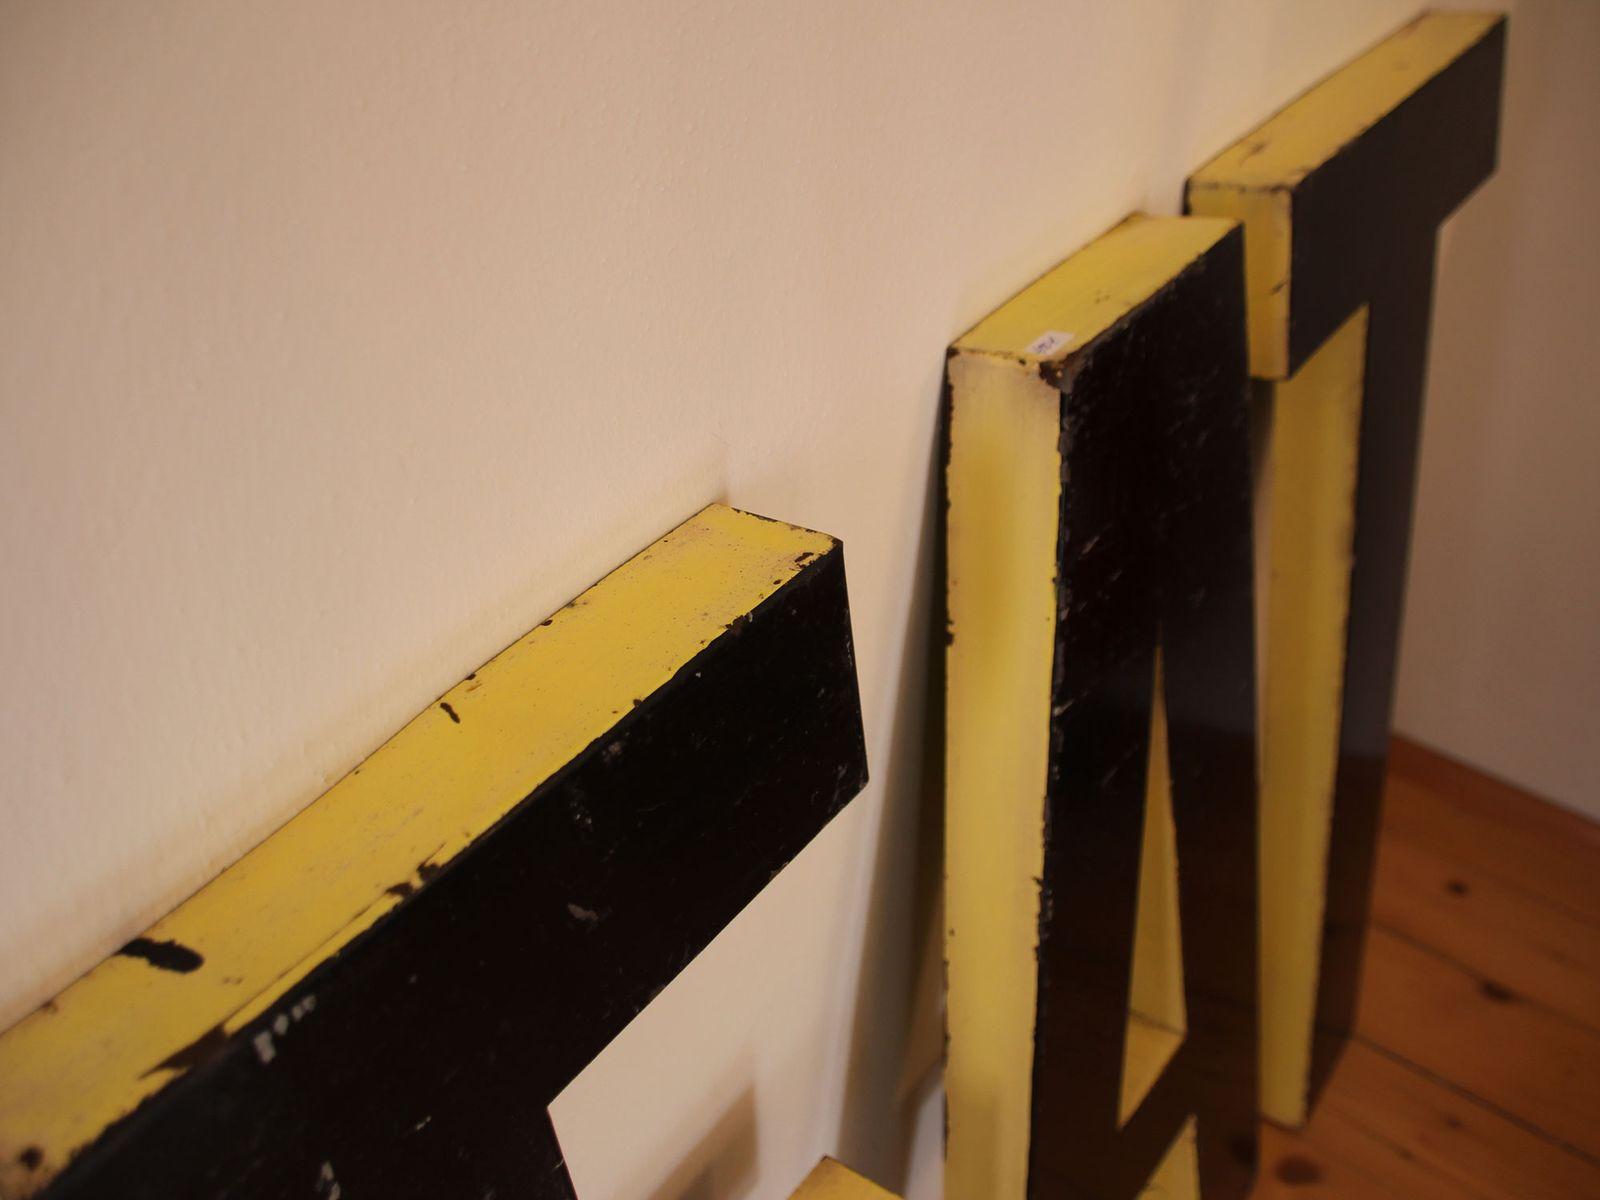 gro es franz sisch vintage buchstabenset f r das wort eat aus schwarz und gelb lackiertem. Black Bedroom Furniture Sets. Home Design Ideas